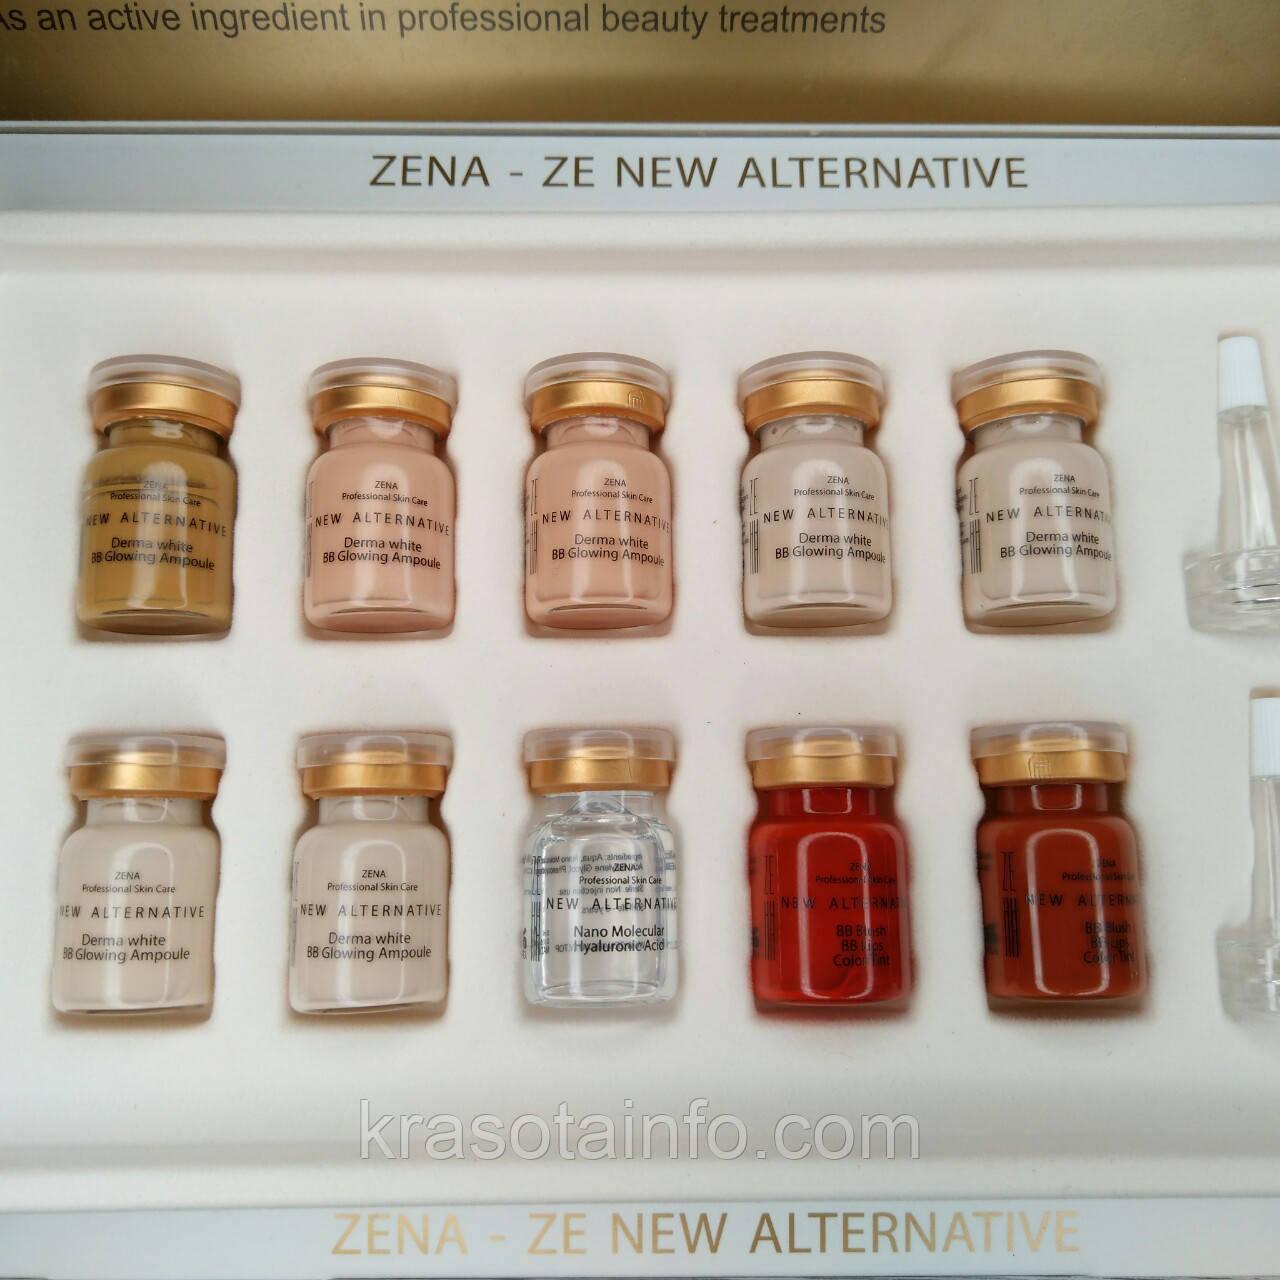 Набор концентратов для проведения процедуры ББ глоу тритмент +Тинты для губ и румян, Zena, 5 мл, 10 шт, 2 шт